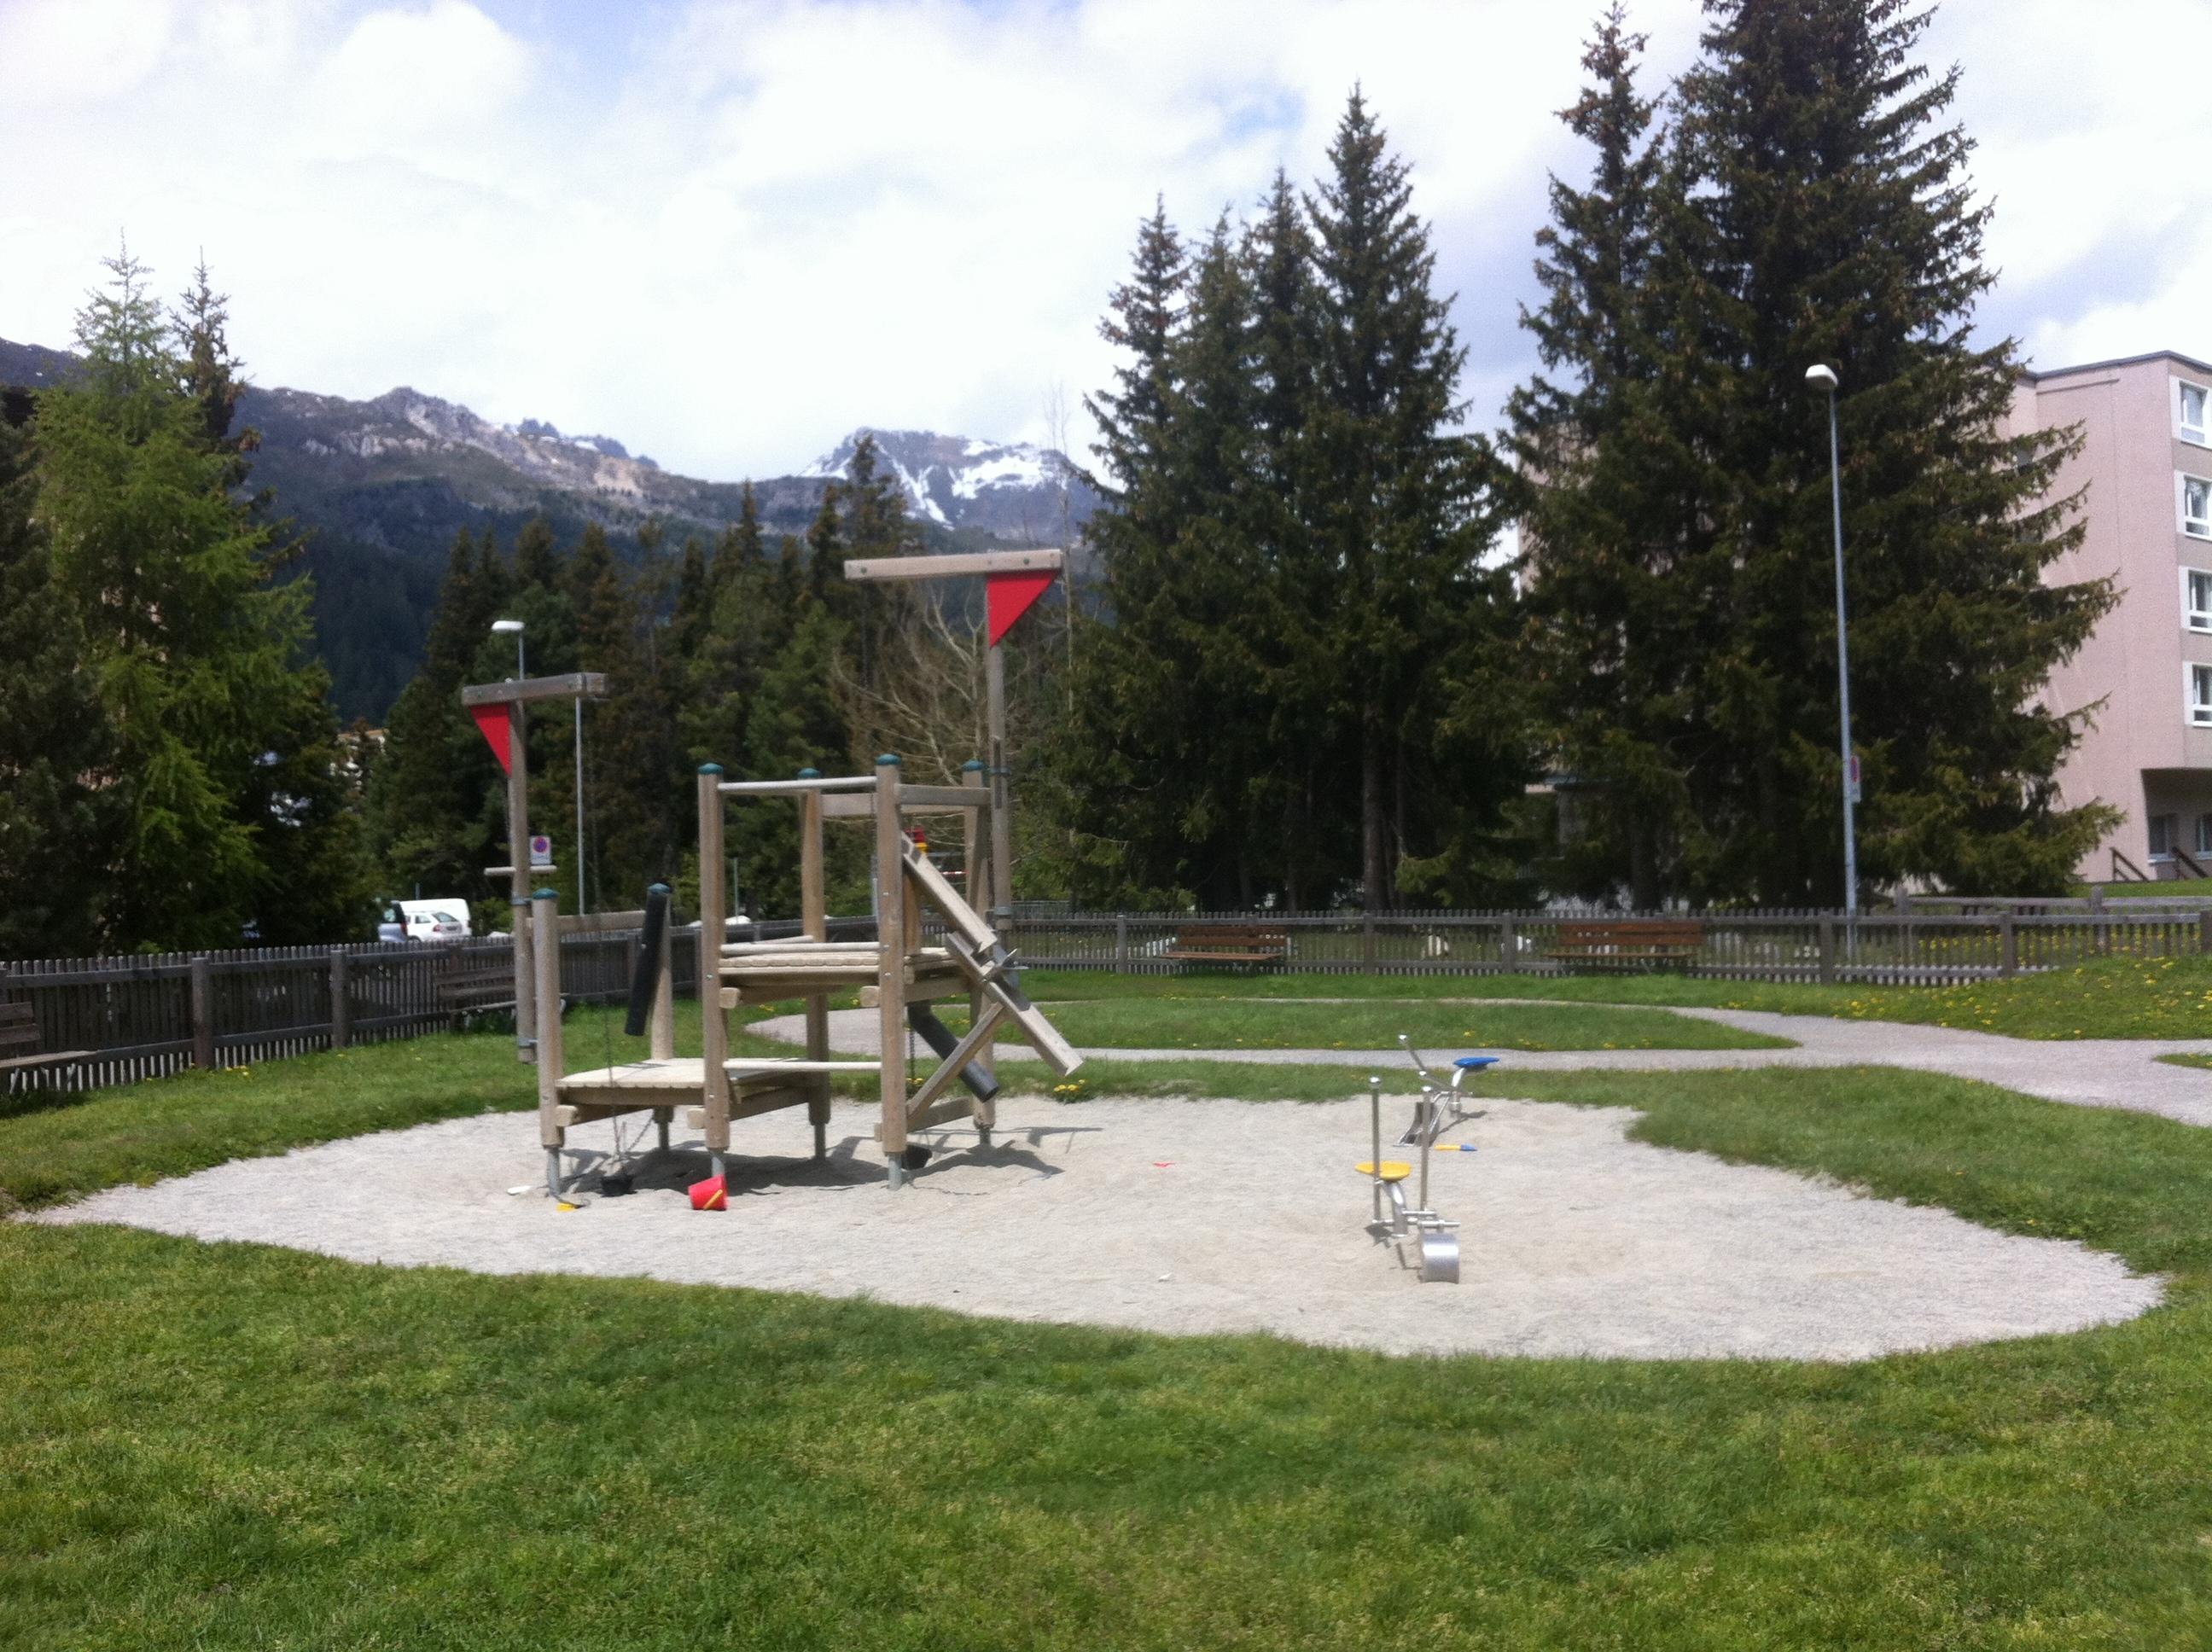 Kinderspielplatz Via da l'Ova Cotschna Slide 2